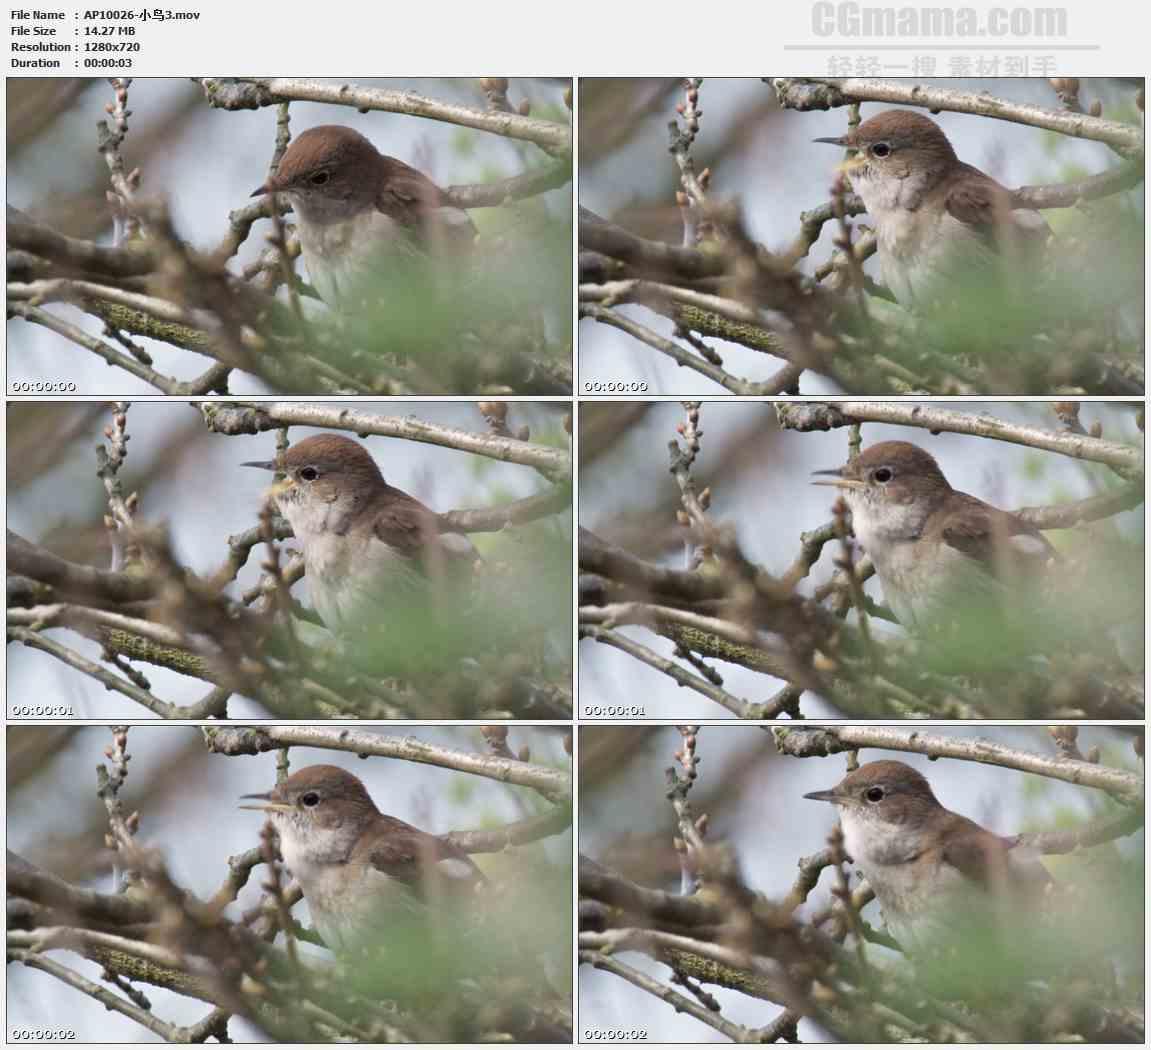 AP10026-小鸟枝头鸣叫高清实拍视频素材